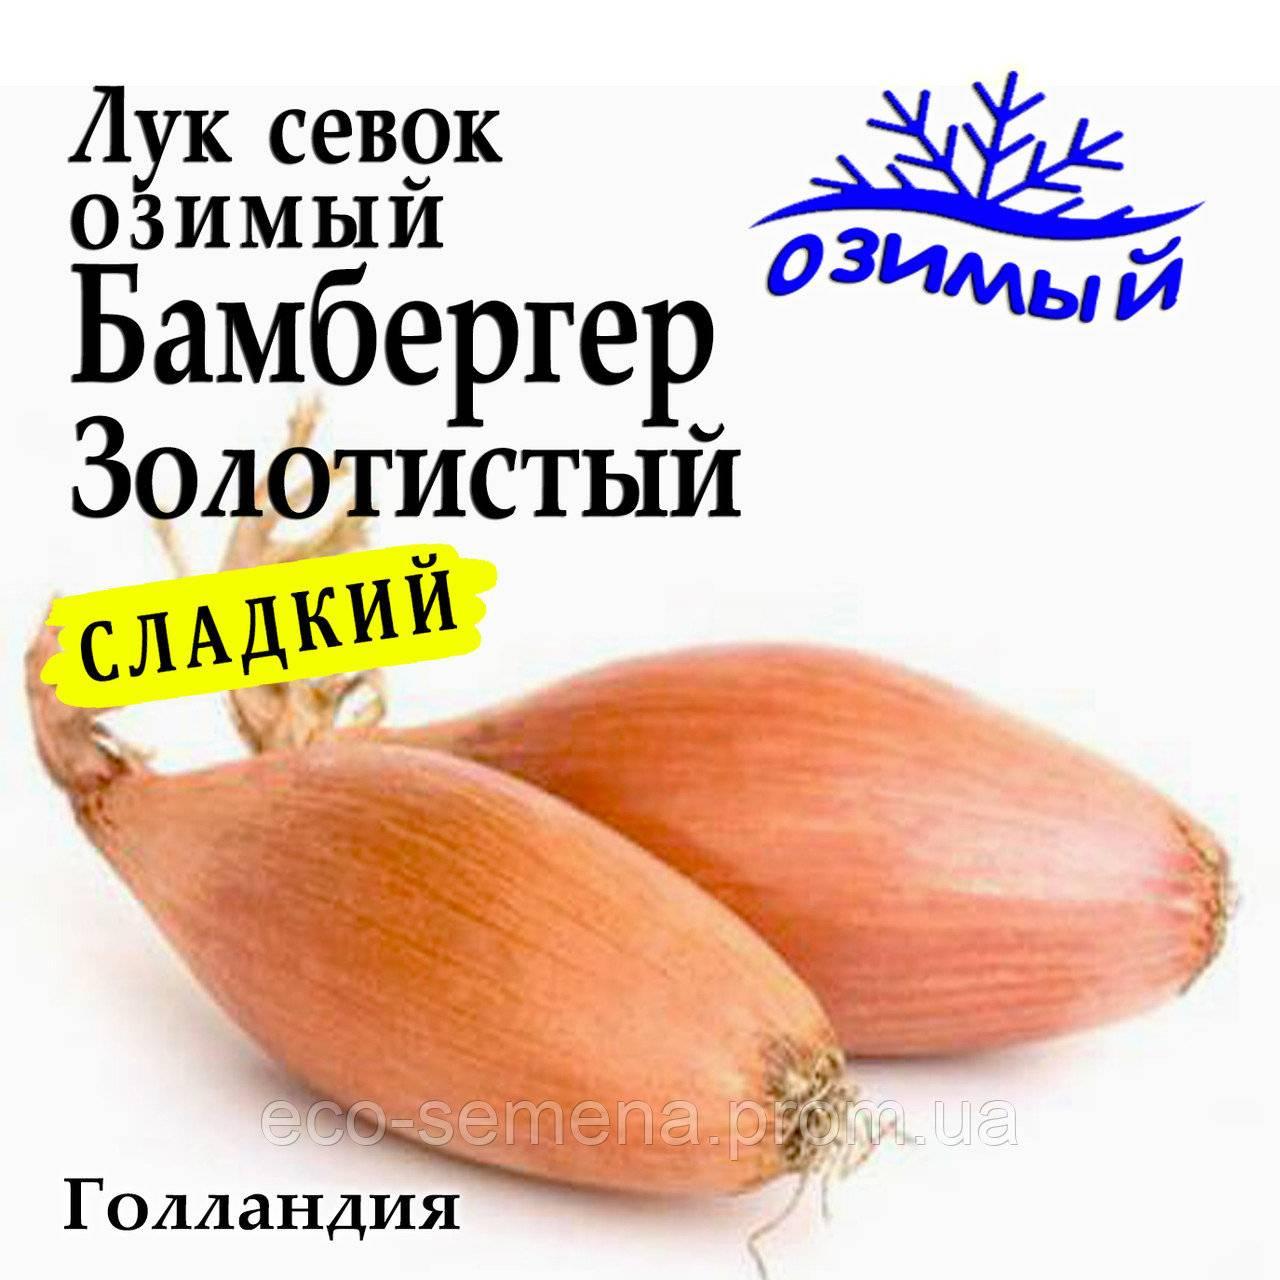 Лук севок бамбергер: описание сорта, посадка и выращивание